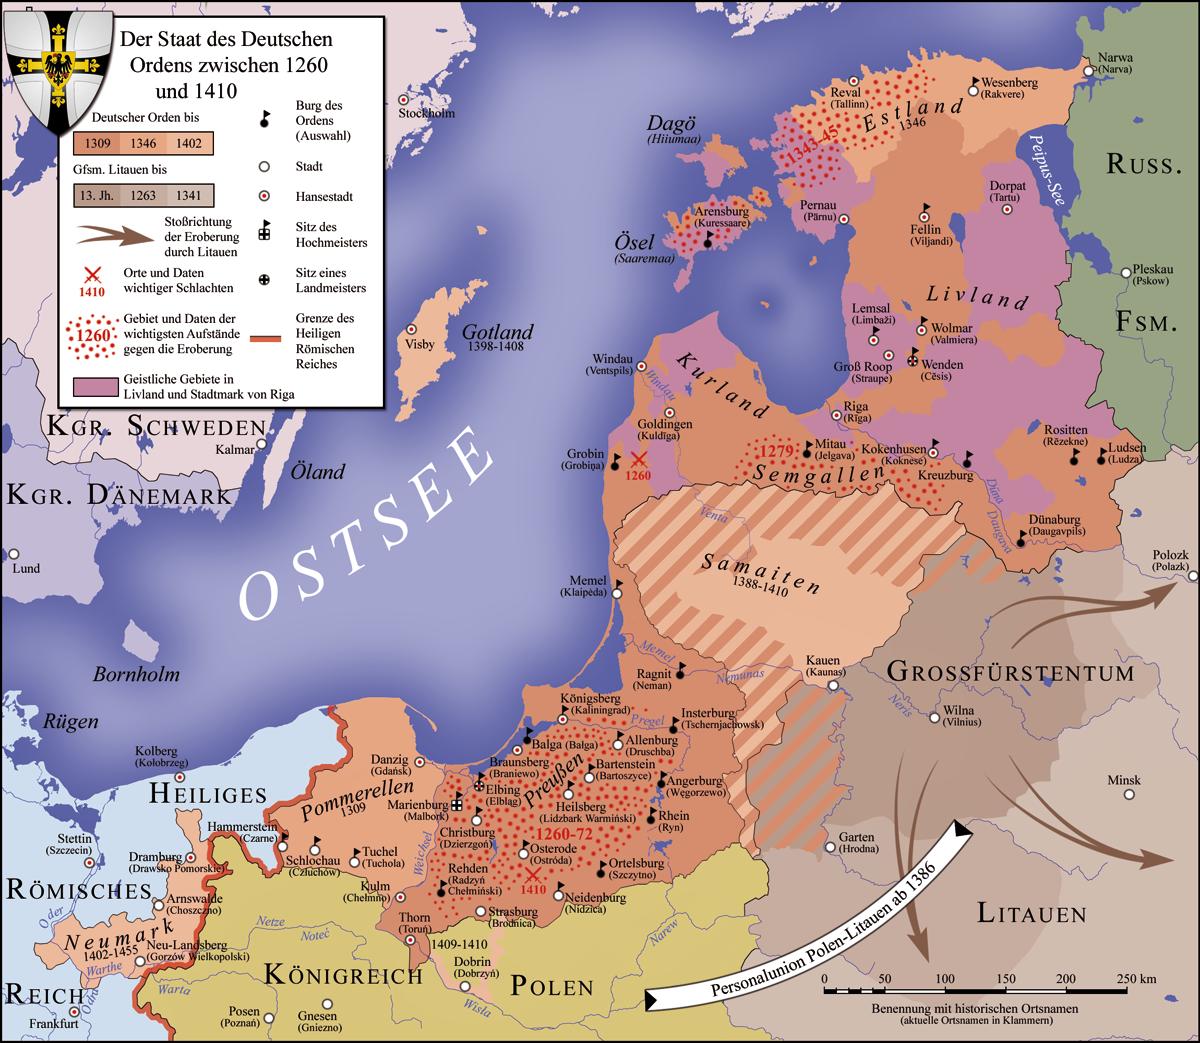 Karte des Deutschordensstaats